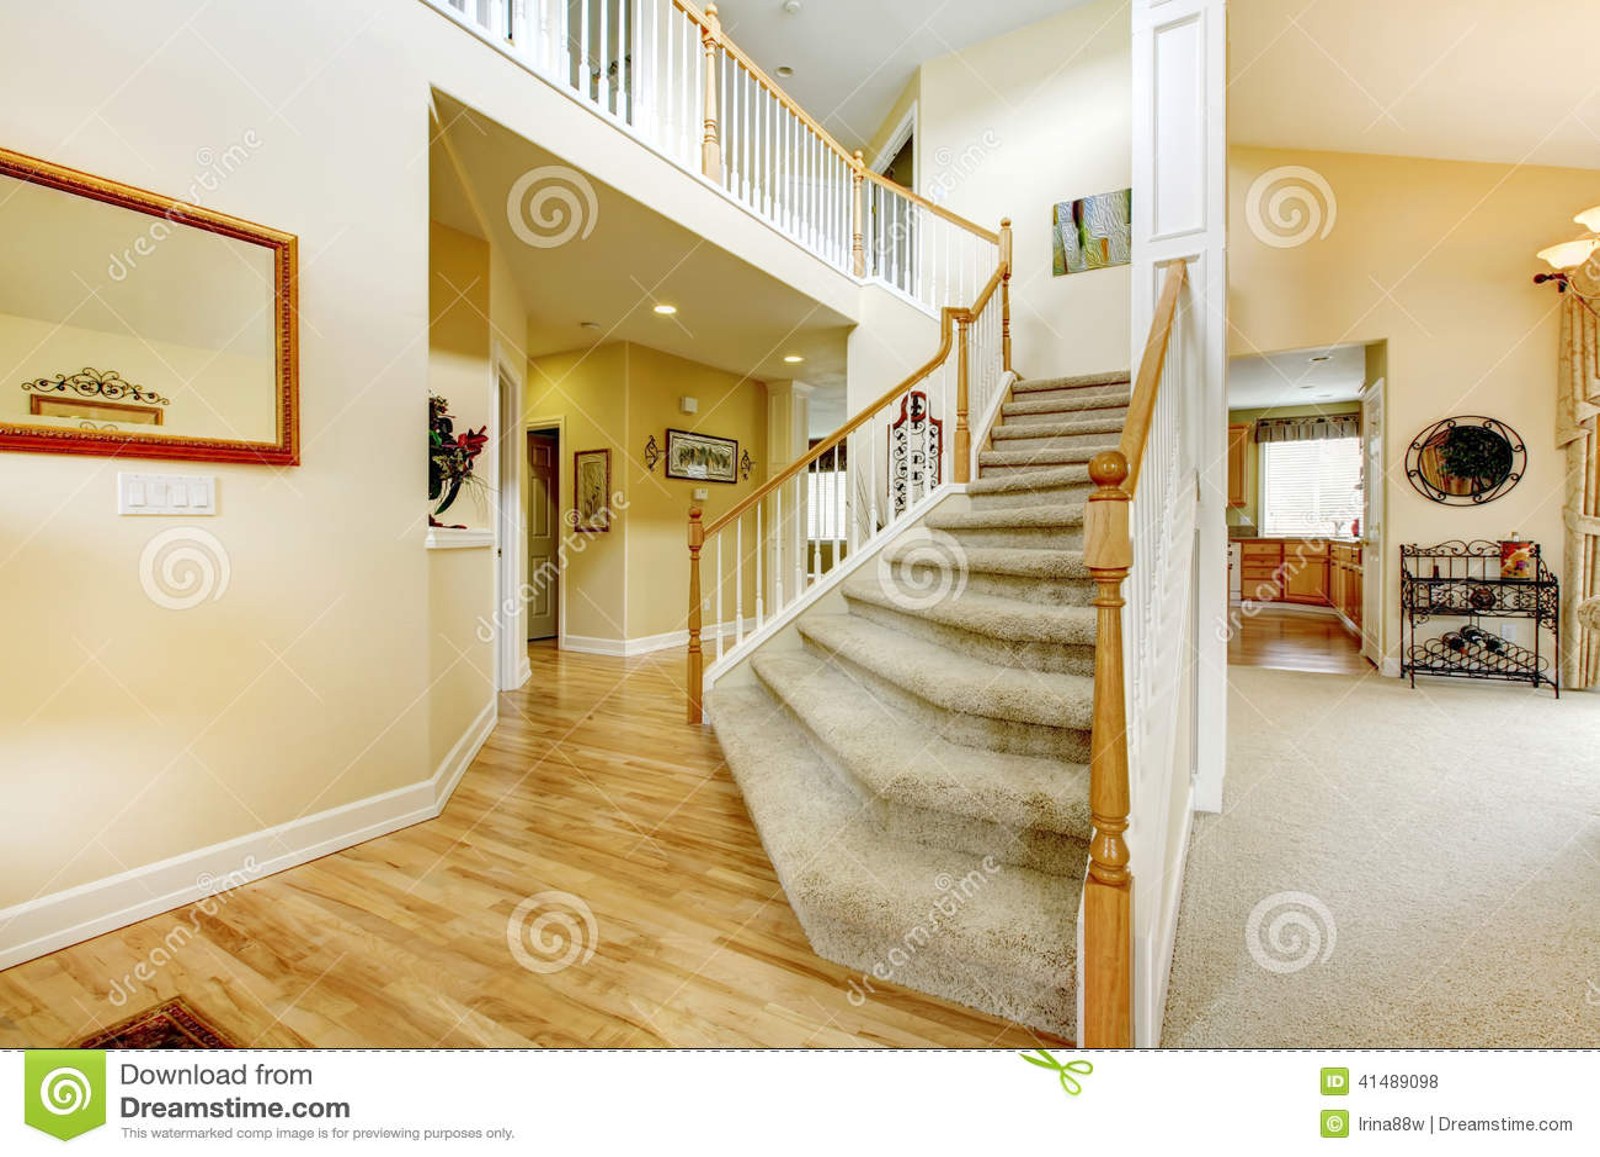 escalier l gant avec les balustrades blanches dans la maison moderne photo stock image 41489098. Black Bedroom Furniture Sets. Home Design Ideas